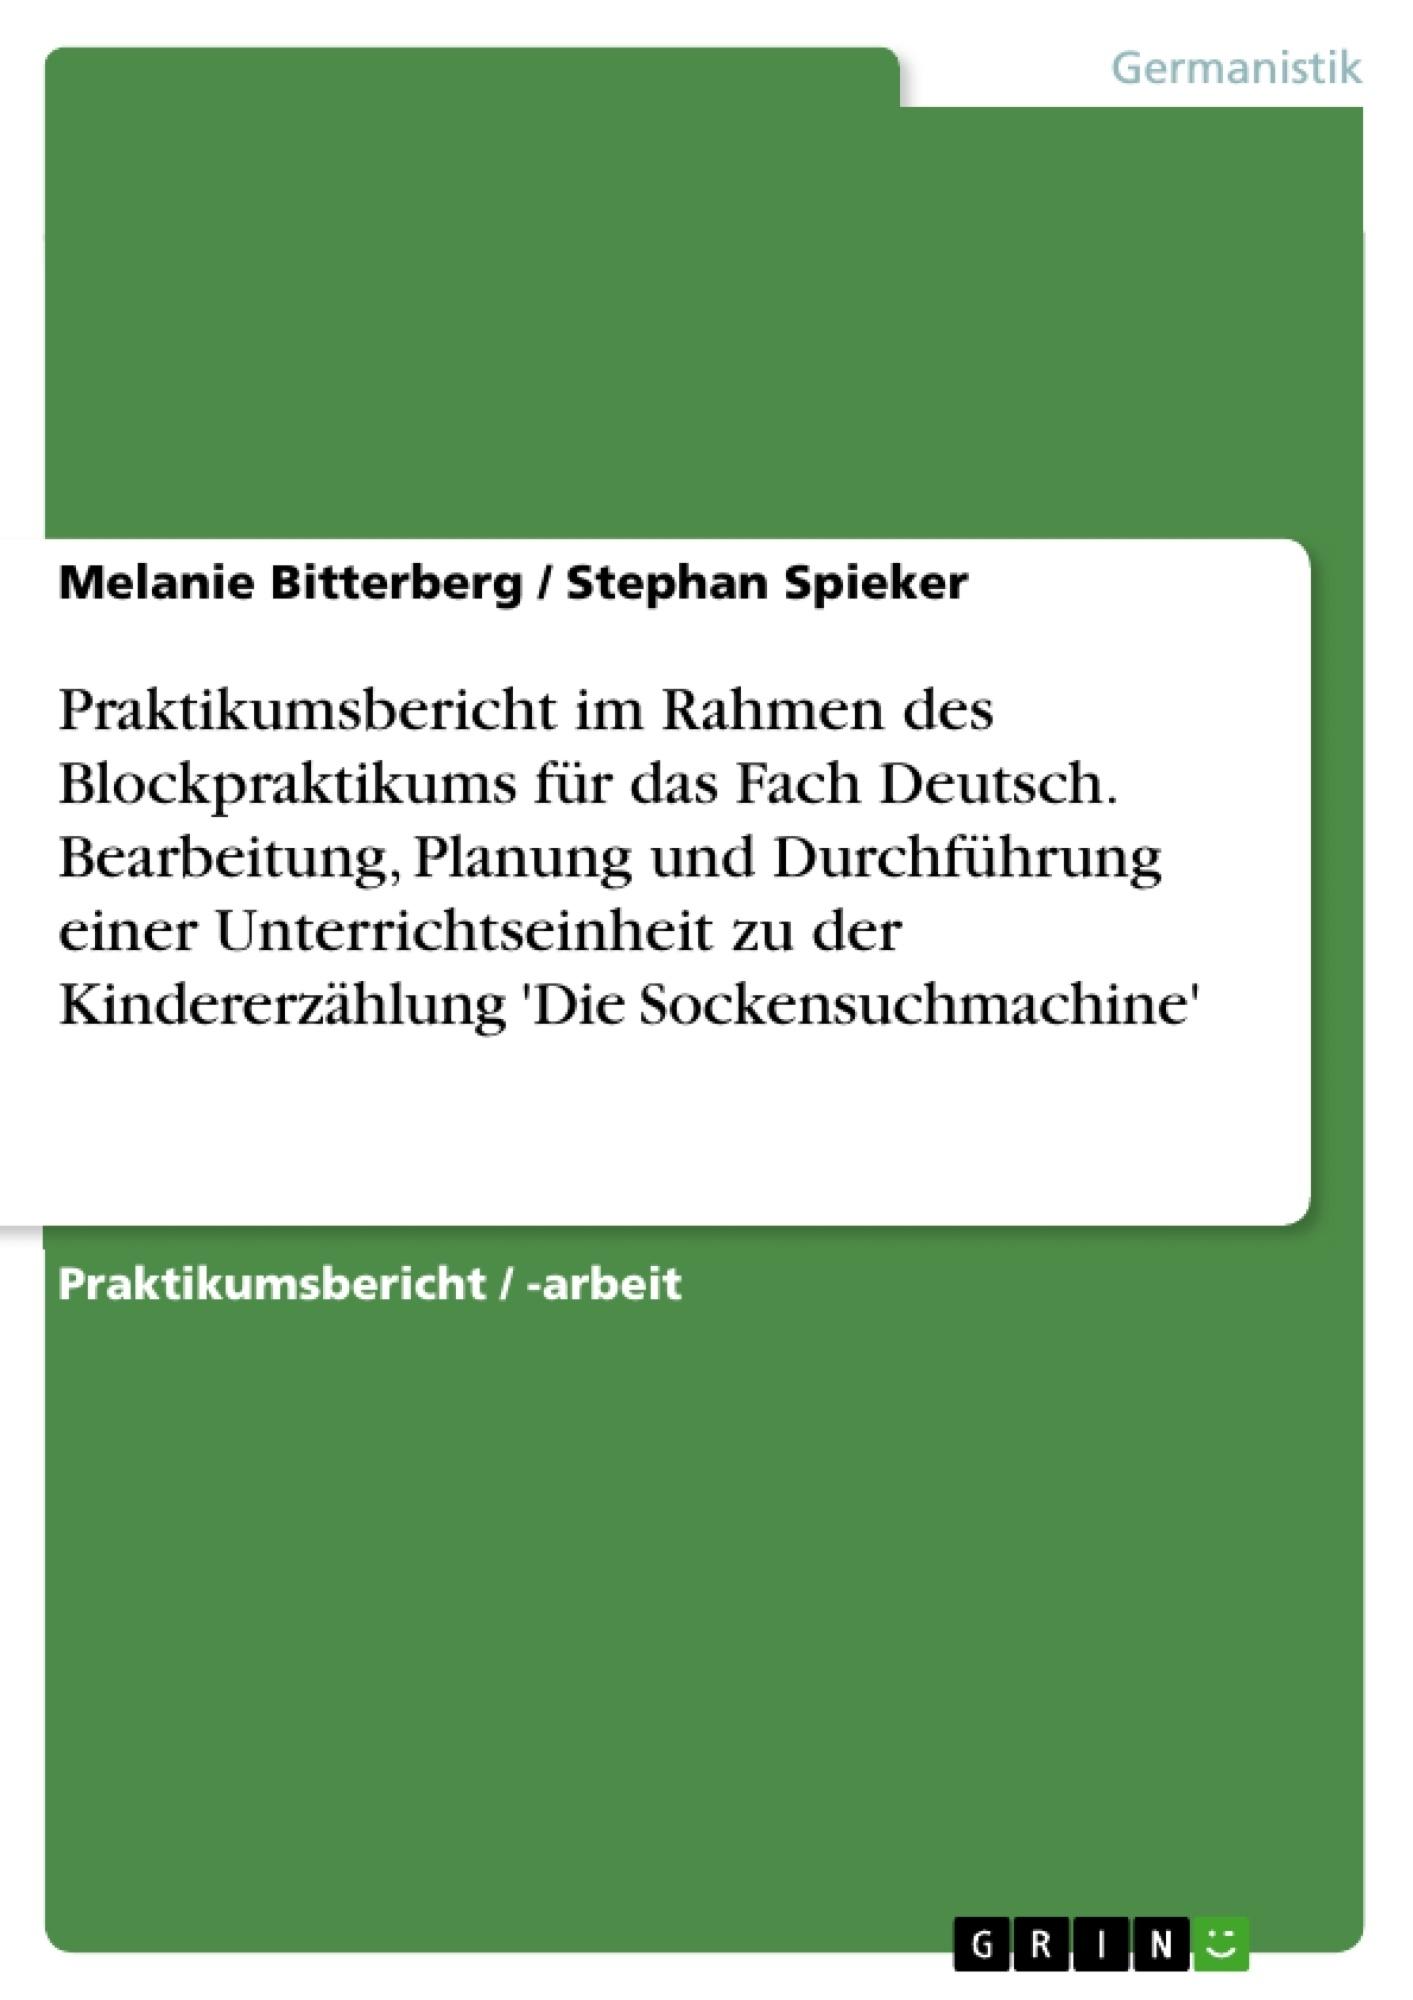 Titel: Praktikumsbericht im Rahmen des Blockpraktikums für das Fach Deutsch. Bearbeitung, Planung und Durchführung einer Unterrichtseinheit zu der Kindererzählung 'Die Sockensuchmachine'